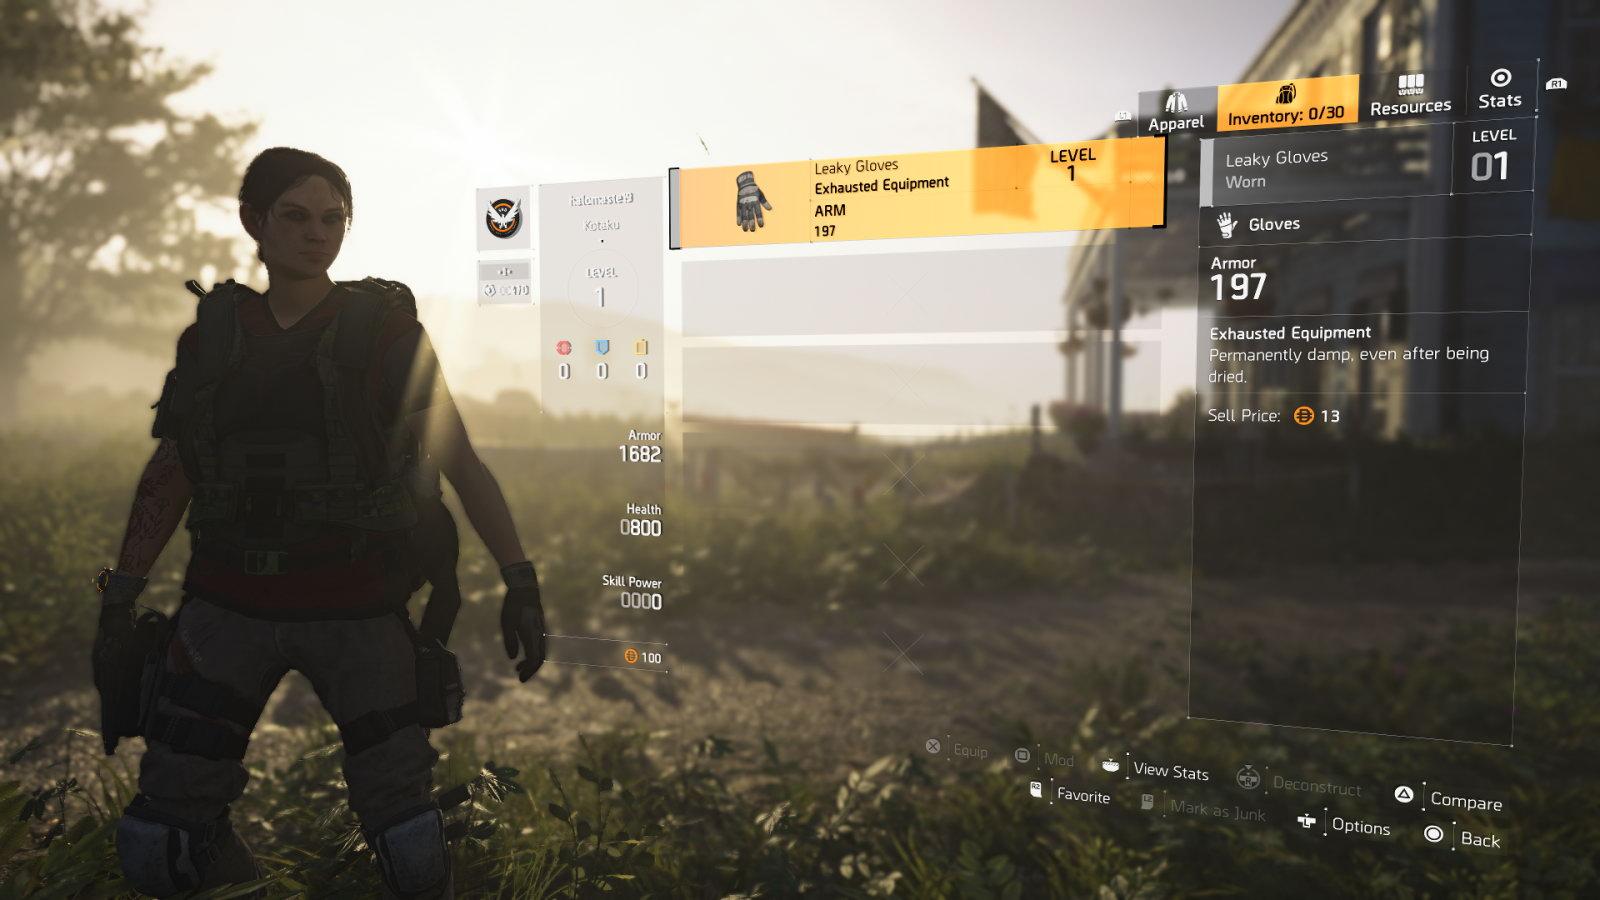 《全境封锁2》初始装备现奇怪描述 瑞典士兵道出真相